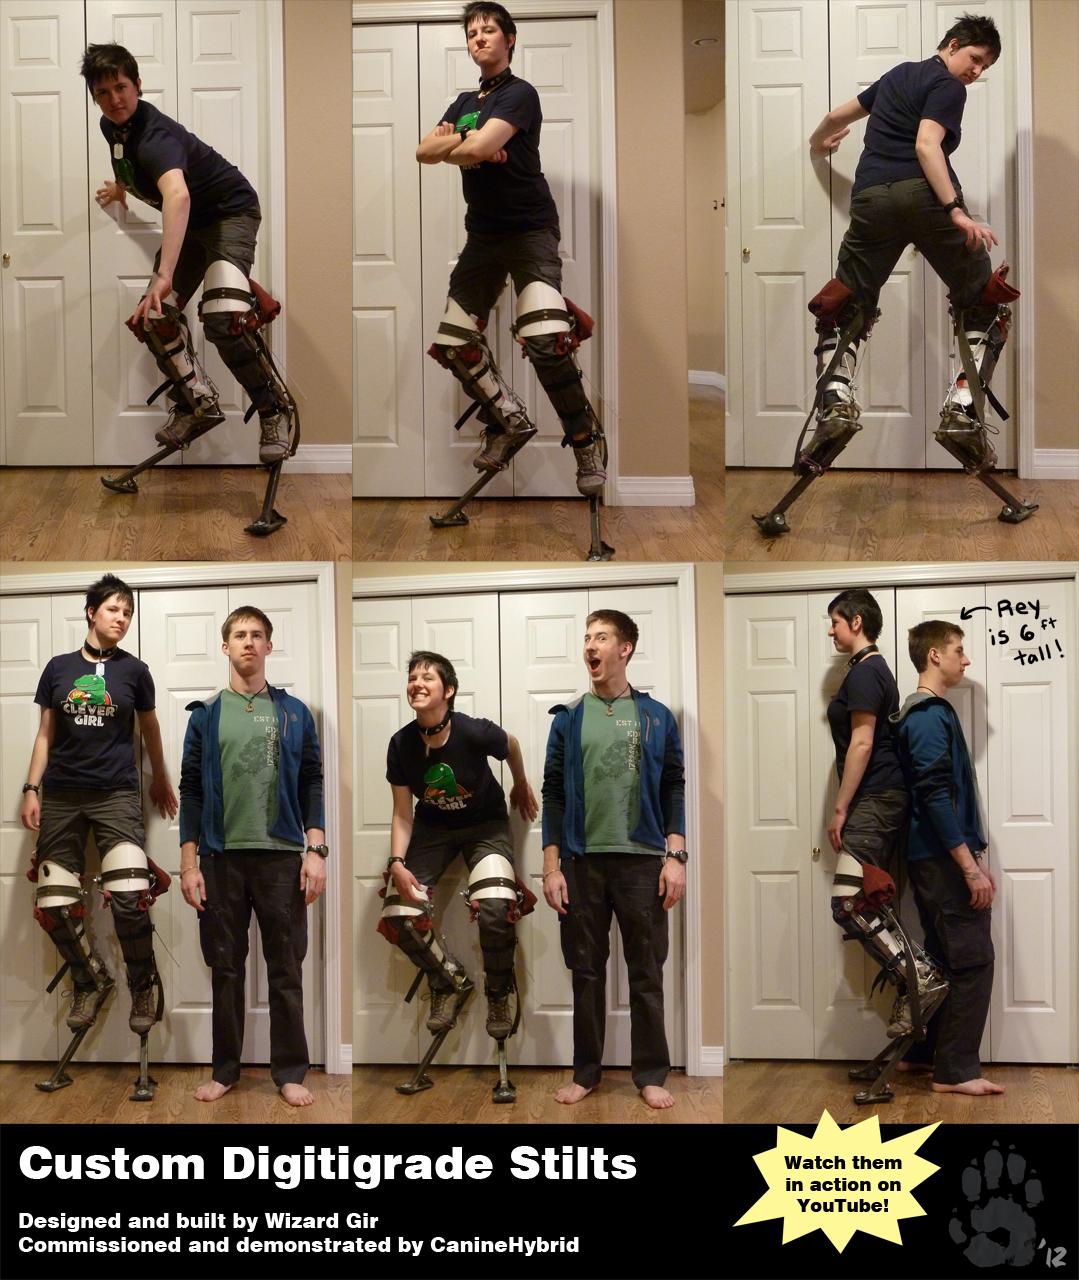 Custom Digitigrade Stilts How To Make Digitigrade Stilts